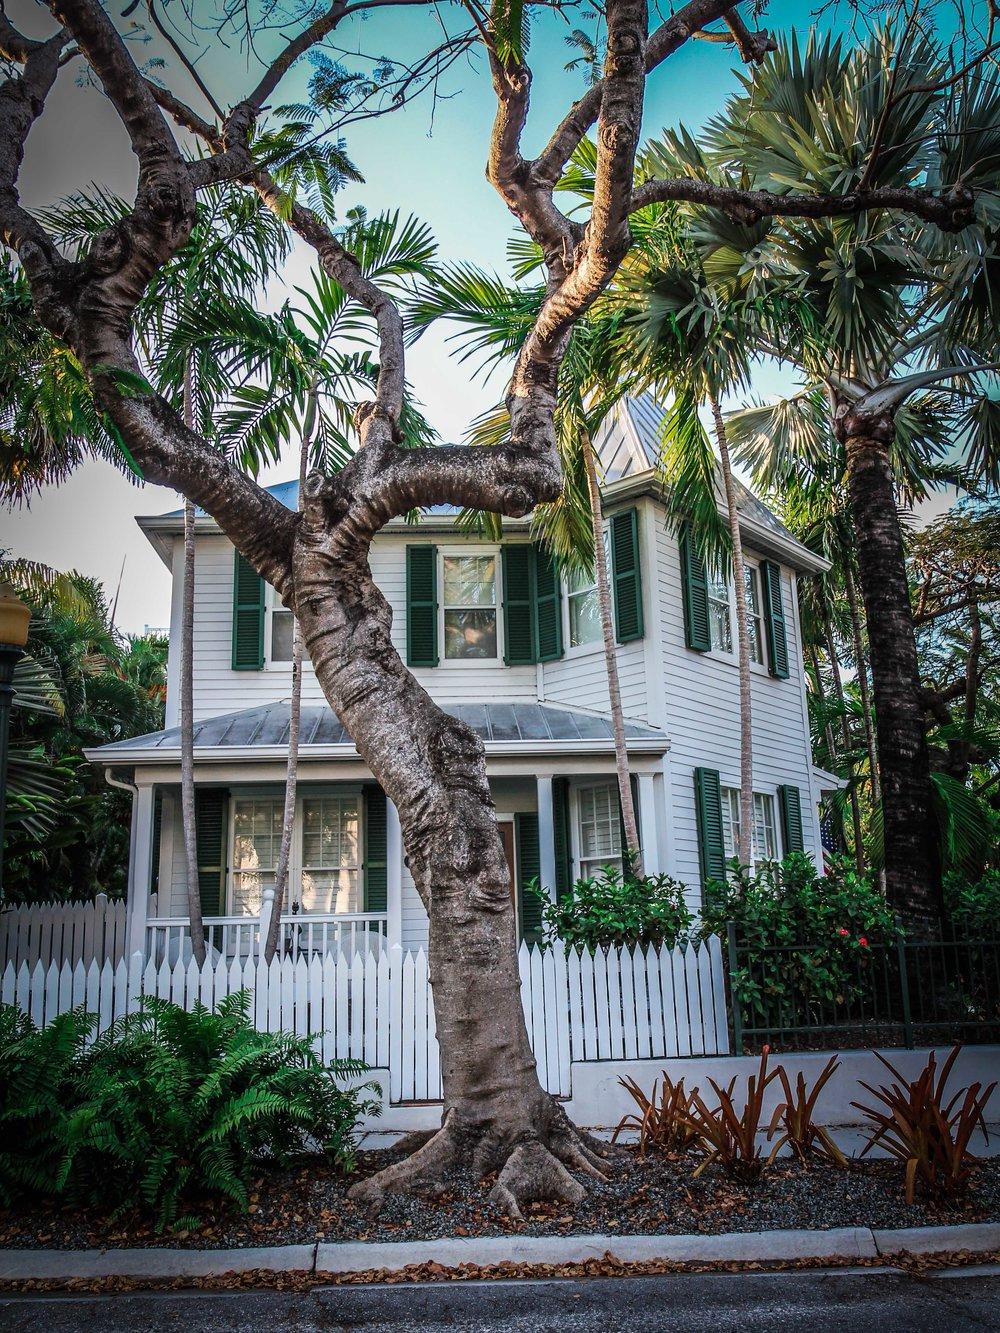 Florida_keys-_Key_west_To_do_reizen_met_kinderen-32.jpg